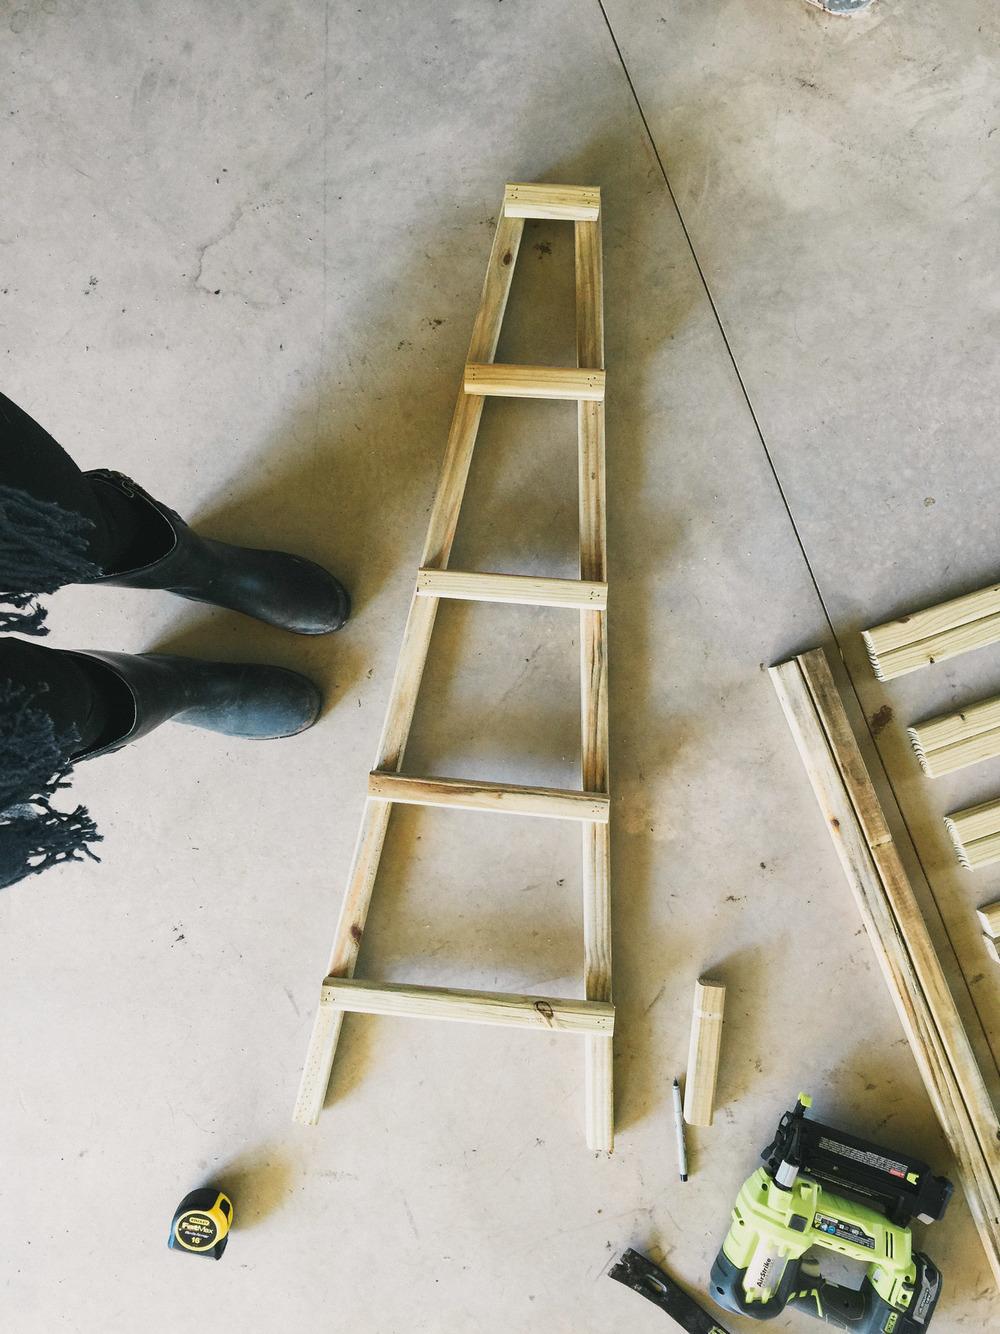 DIY honeysuckle tuteur trellis inside barrel